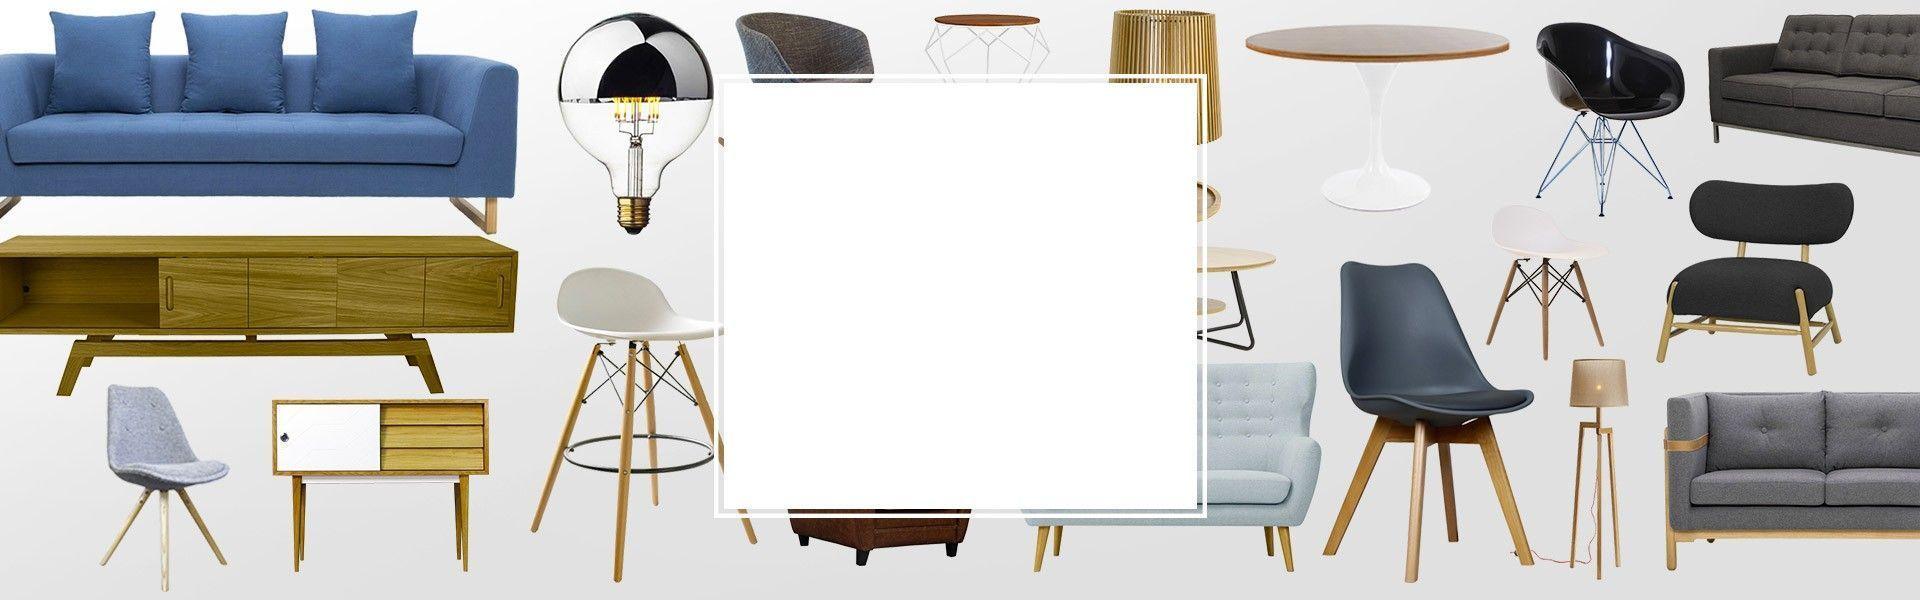 home meubles design